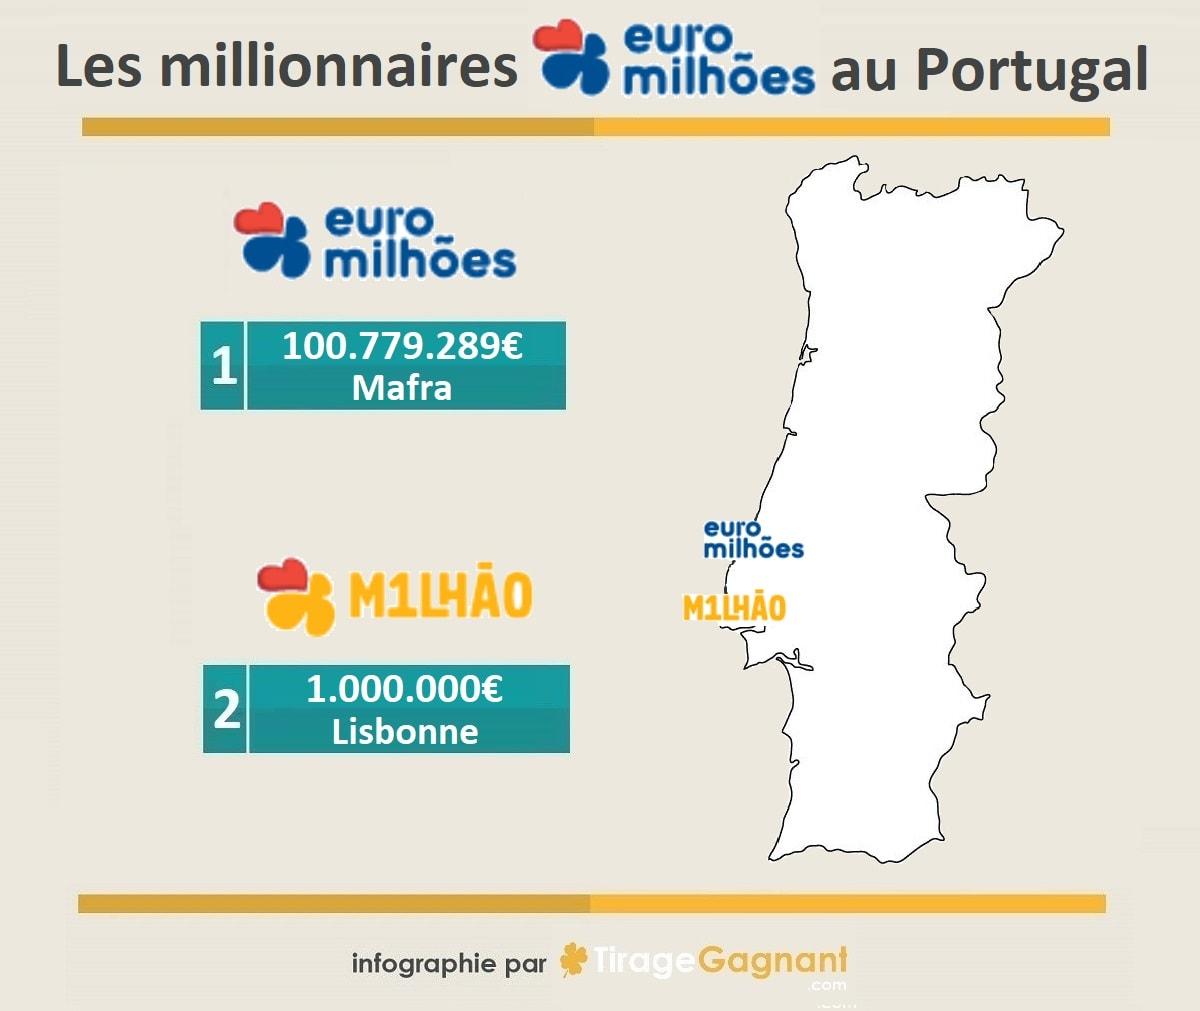 infographie des millionnaires Euromillions du 17 janvier 2020